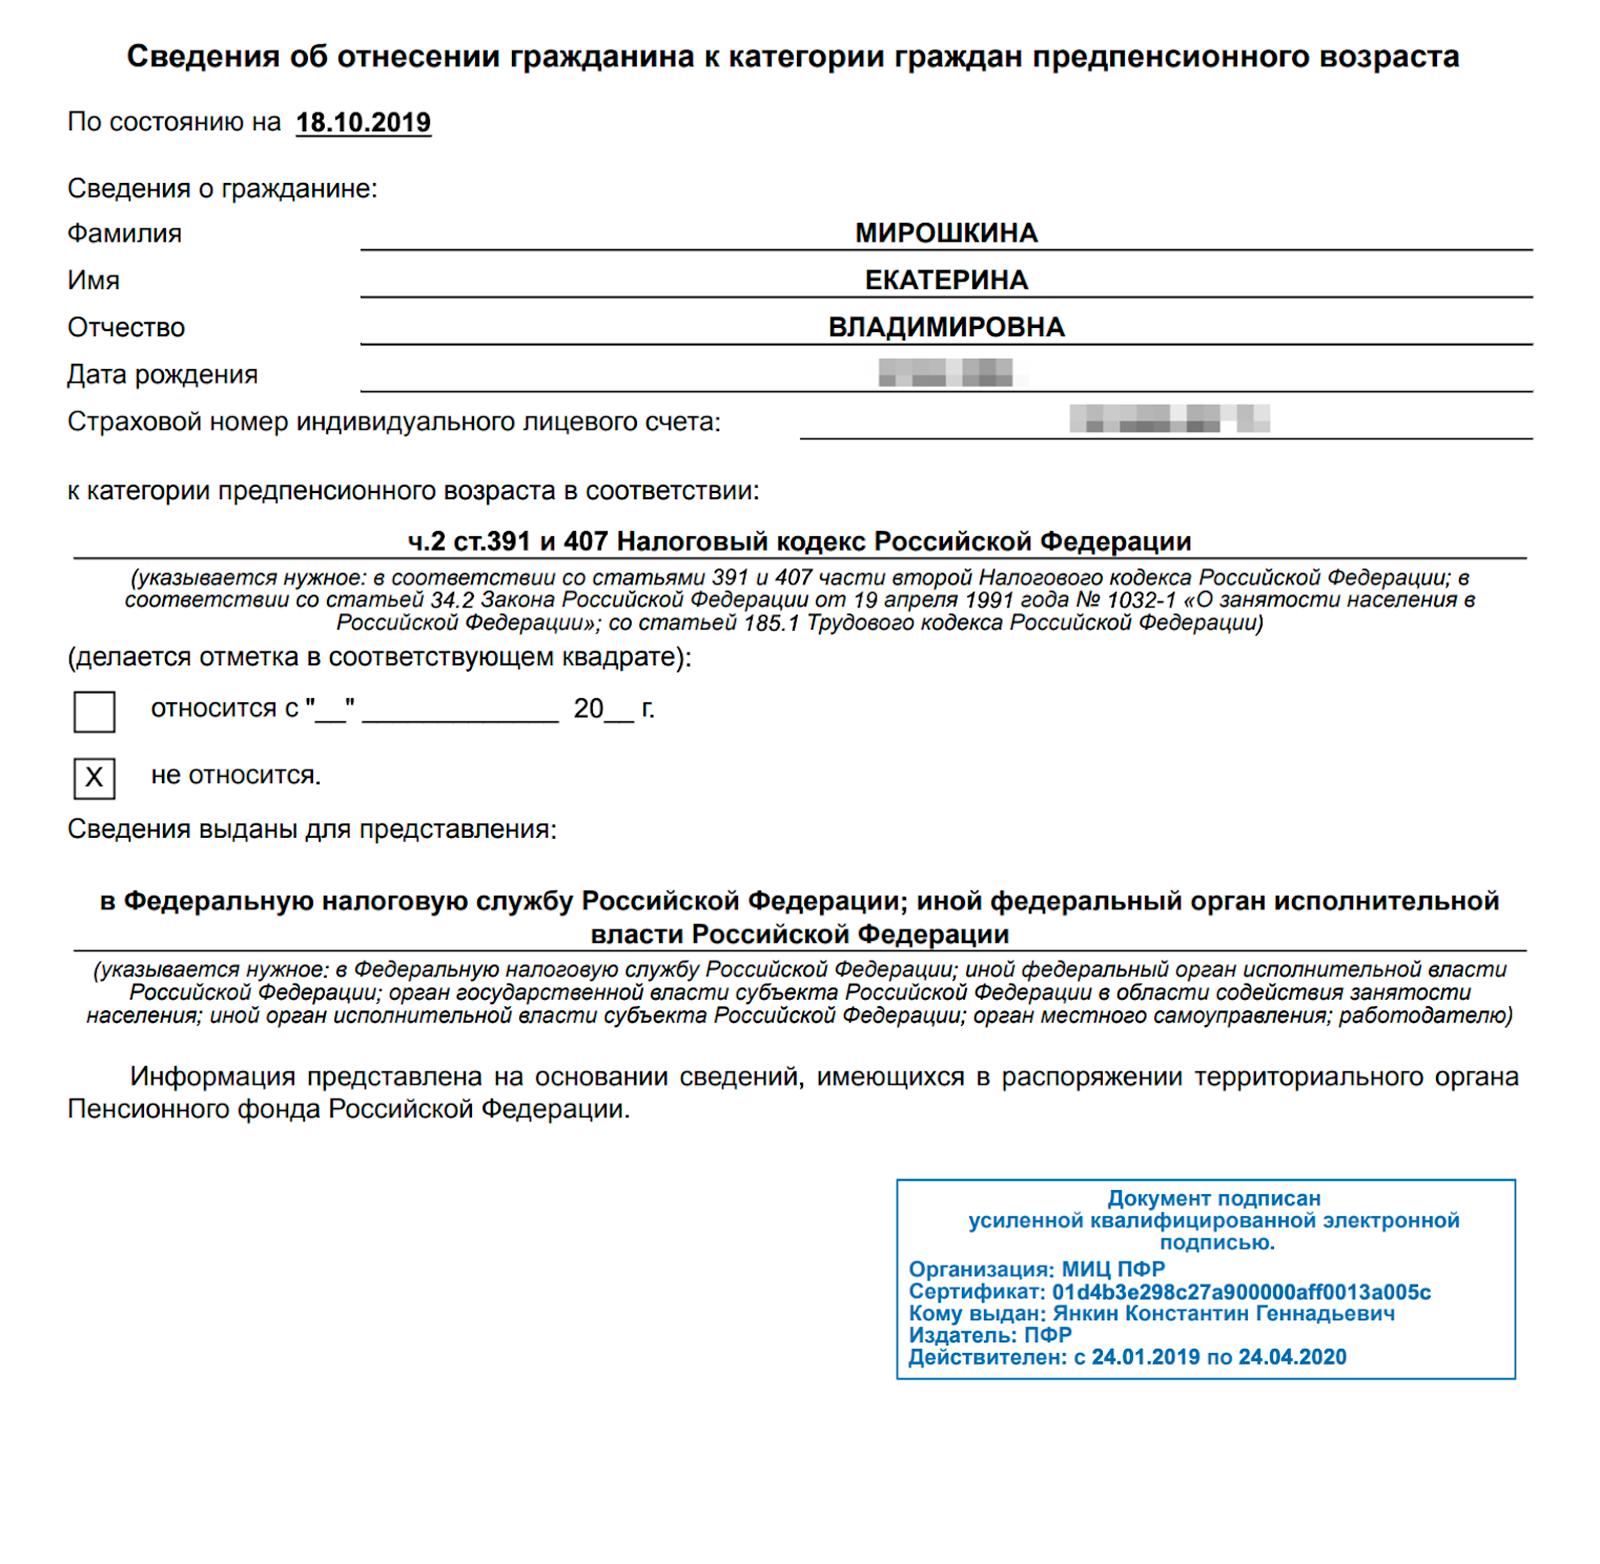 На справке о статусе предпенсионера есть ЭЦП, а документ сразу приходит на электронную почту